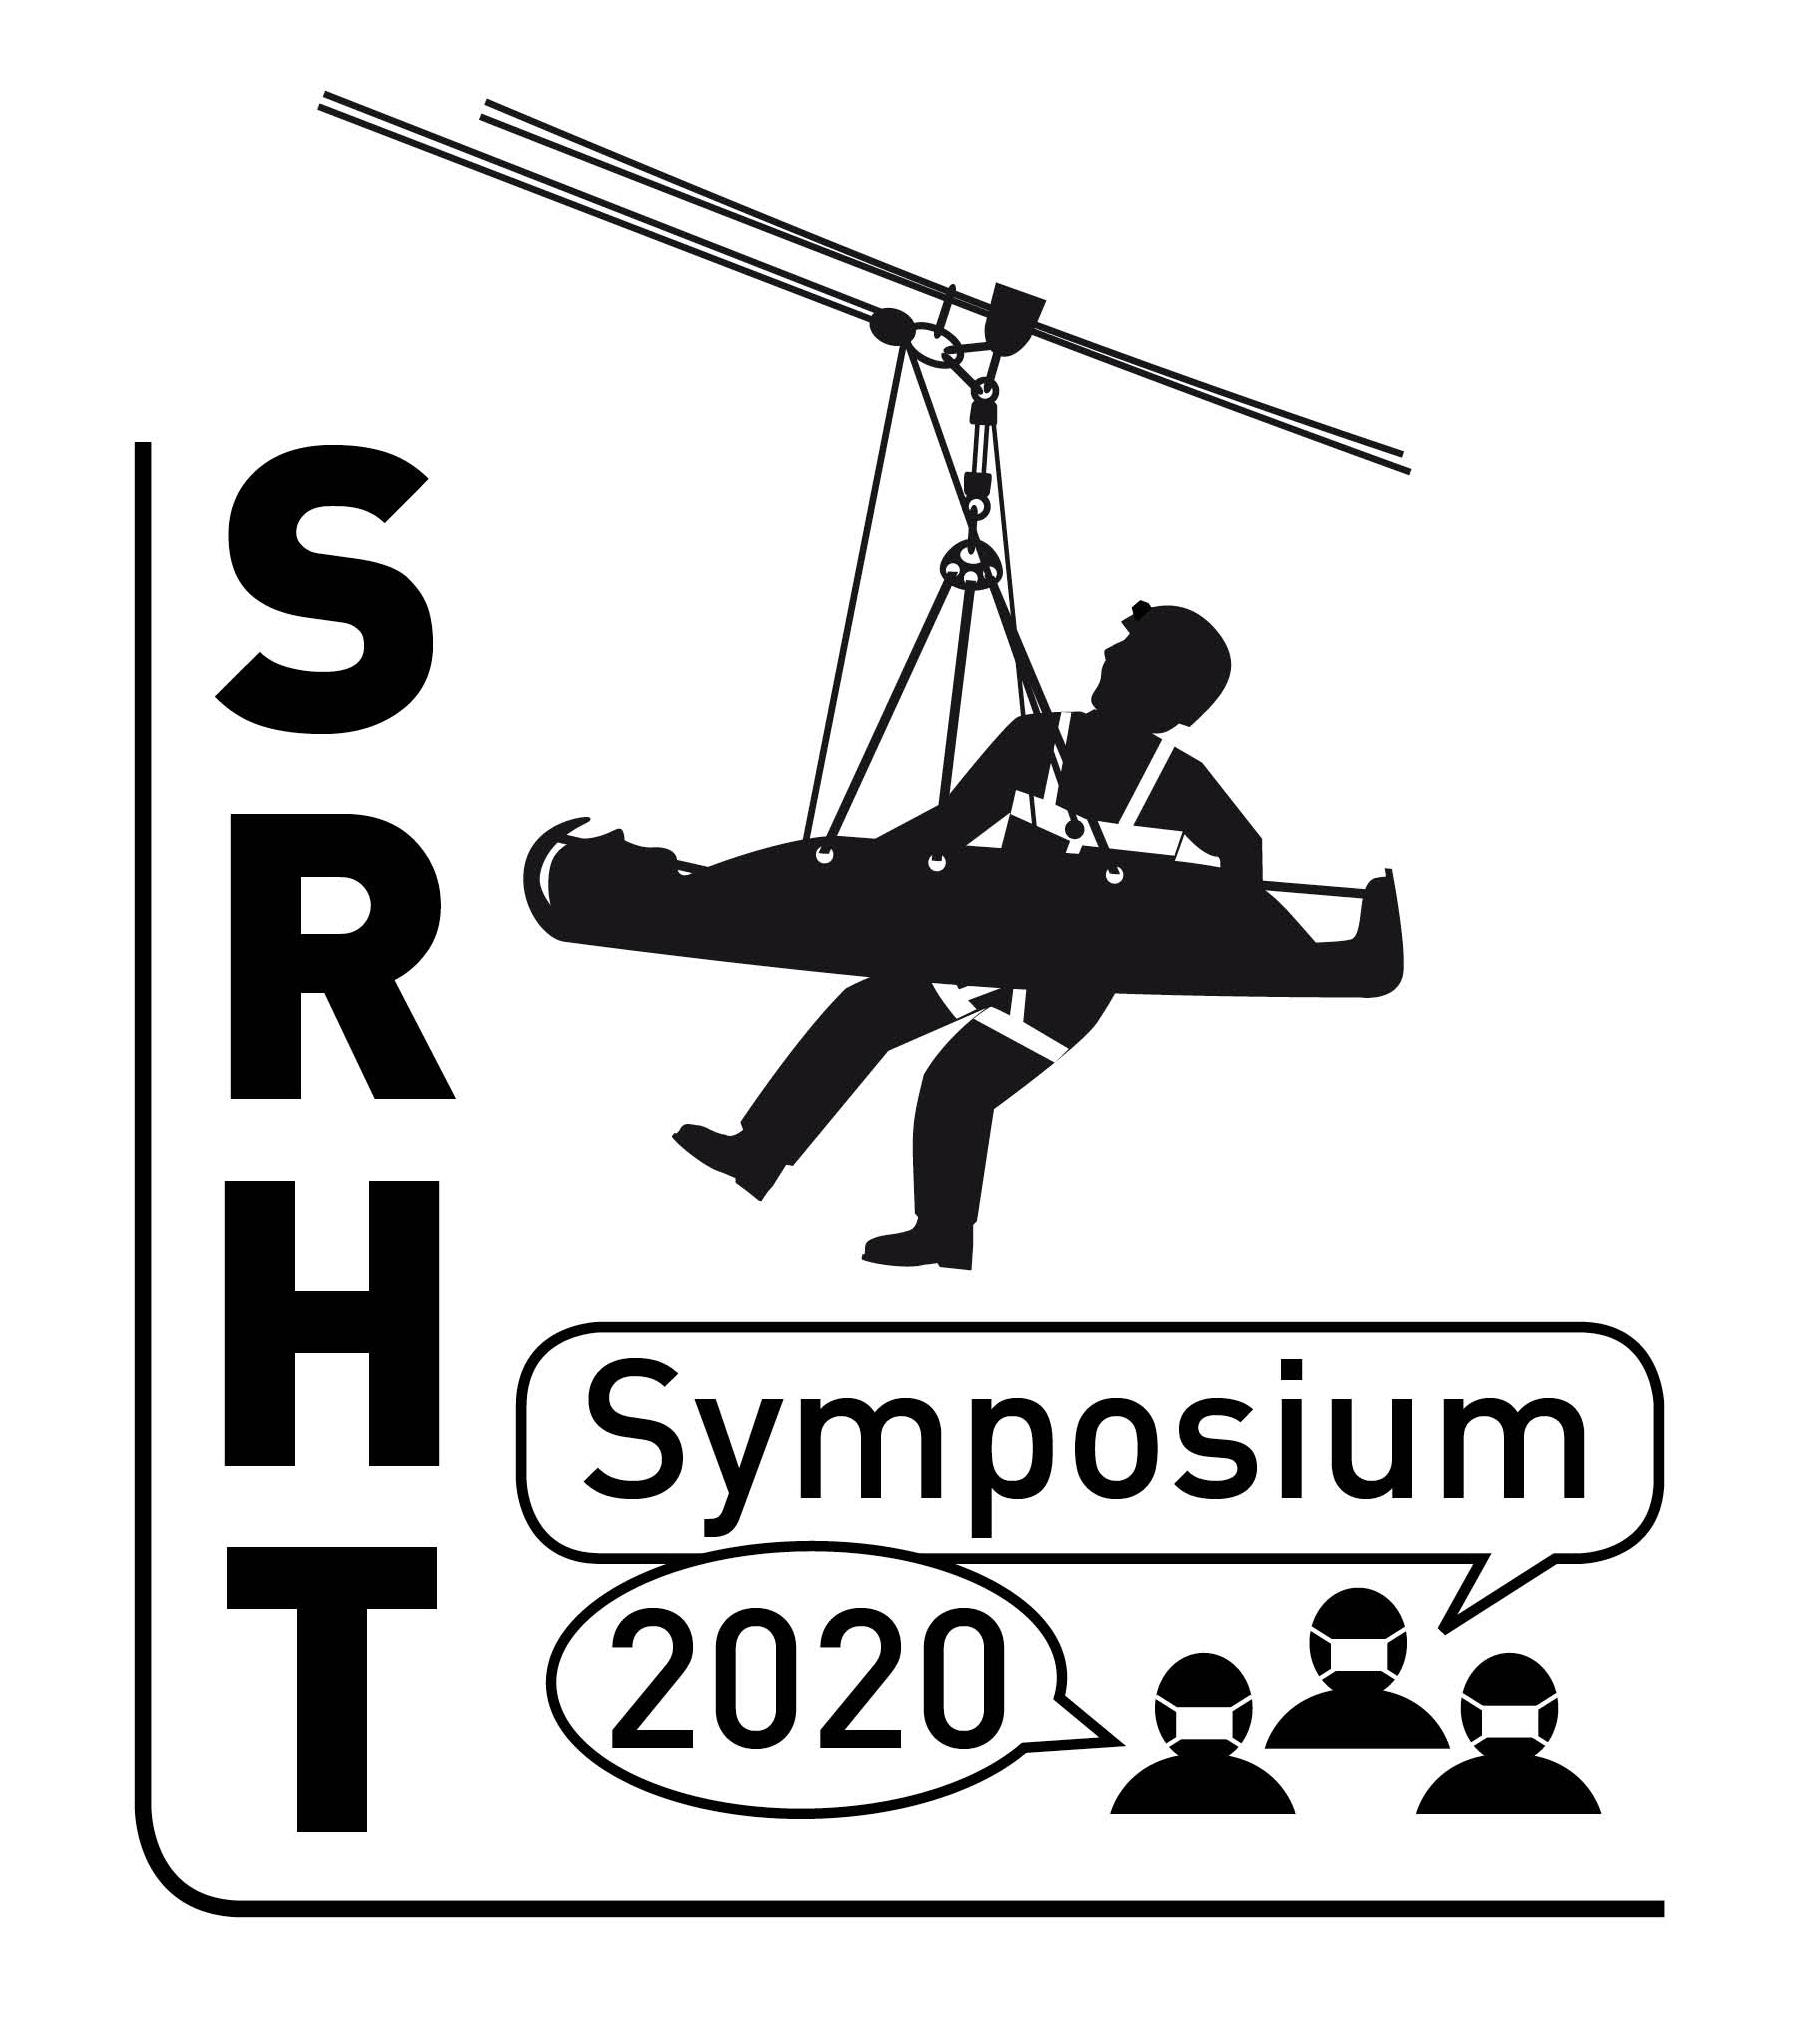 SRHT Spezielles Retten aus Höhen und Tiefen (Höhenrettung, Tiefenrettung, Strömungsrettung): Symposium, Workshoptag, Fachausstellung